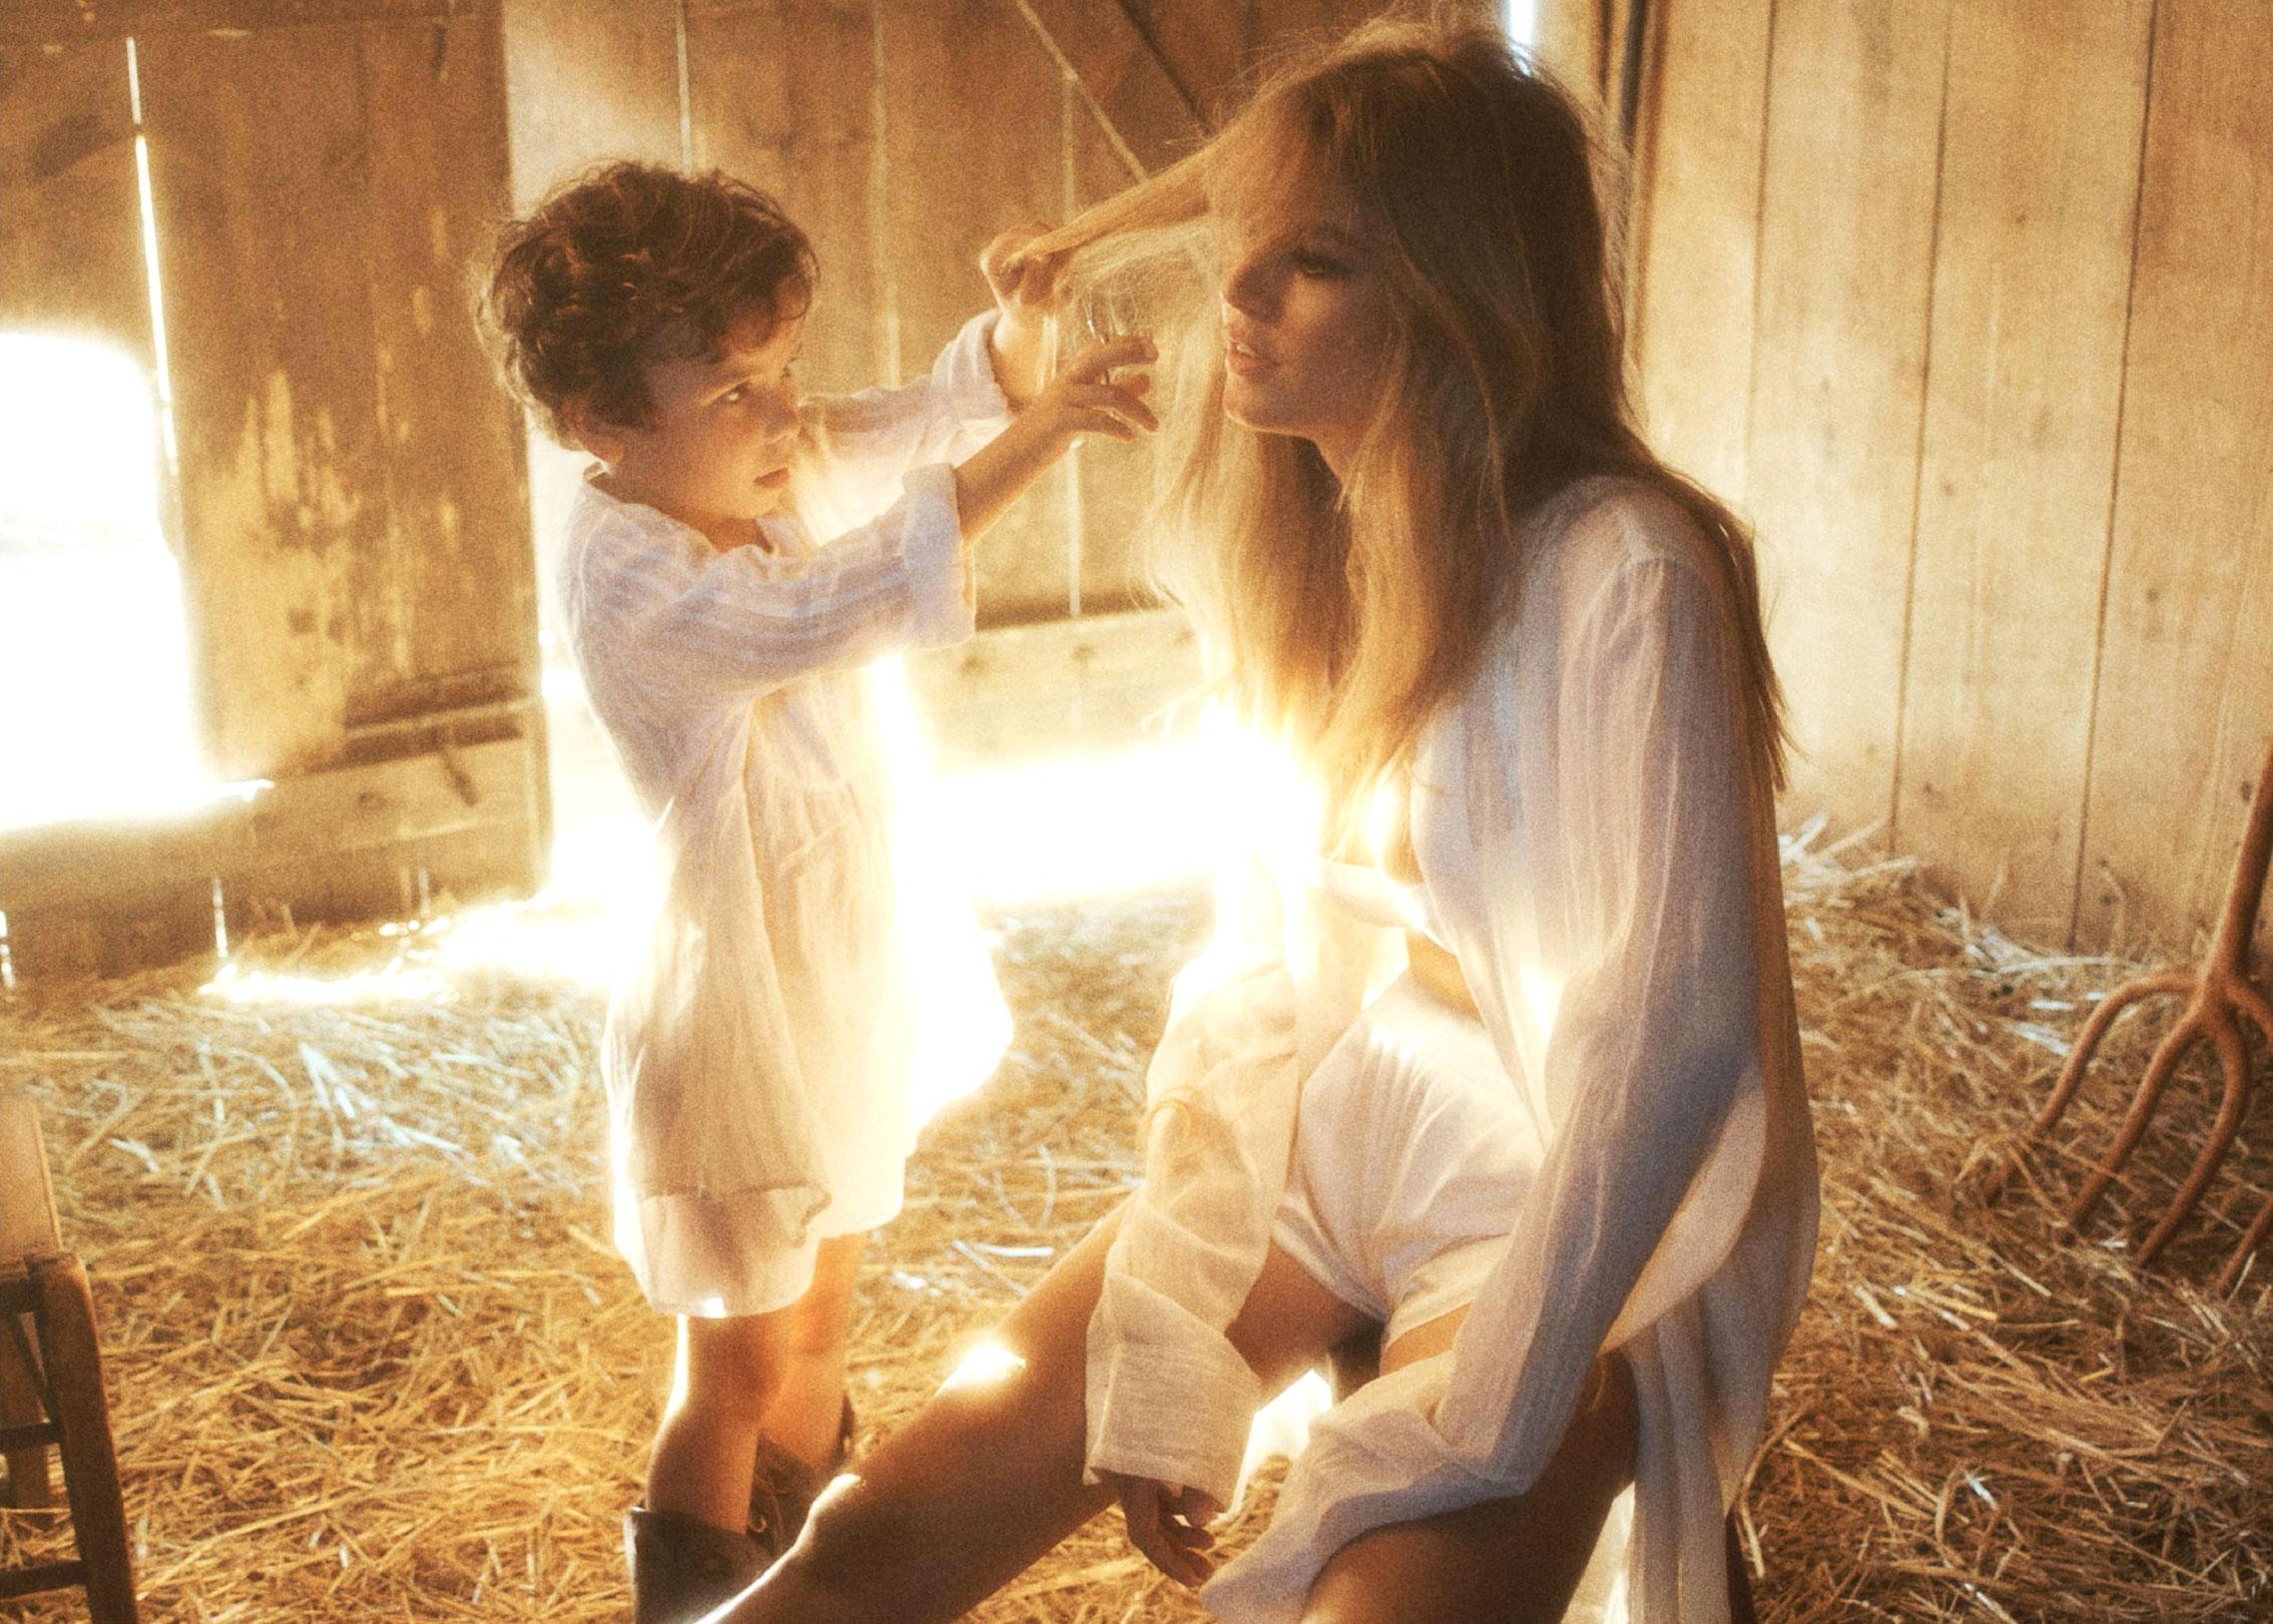 Деревенская идилия / супермодель Анна Юэрс с сыном / фото 19